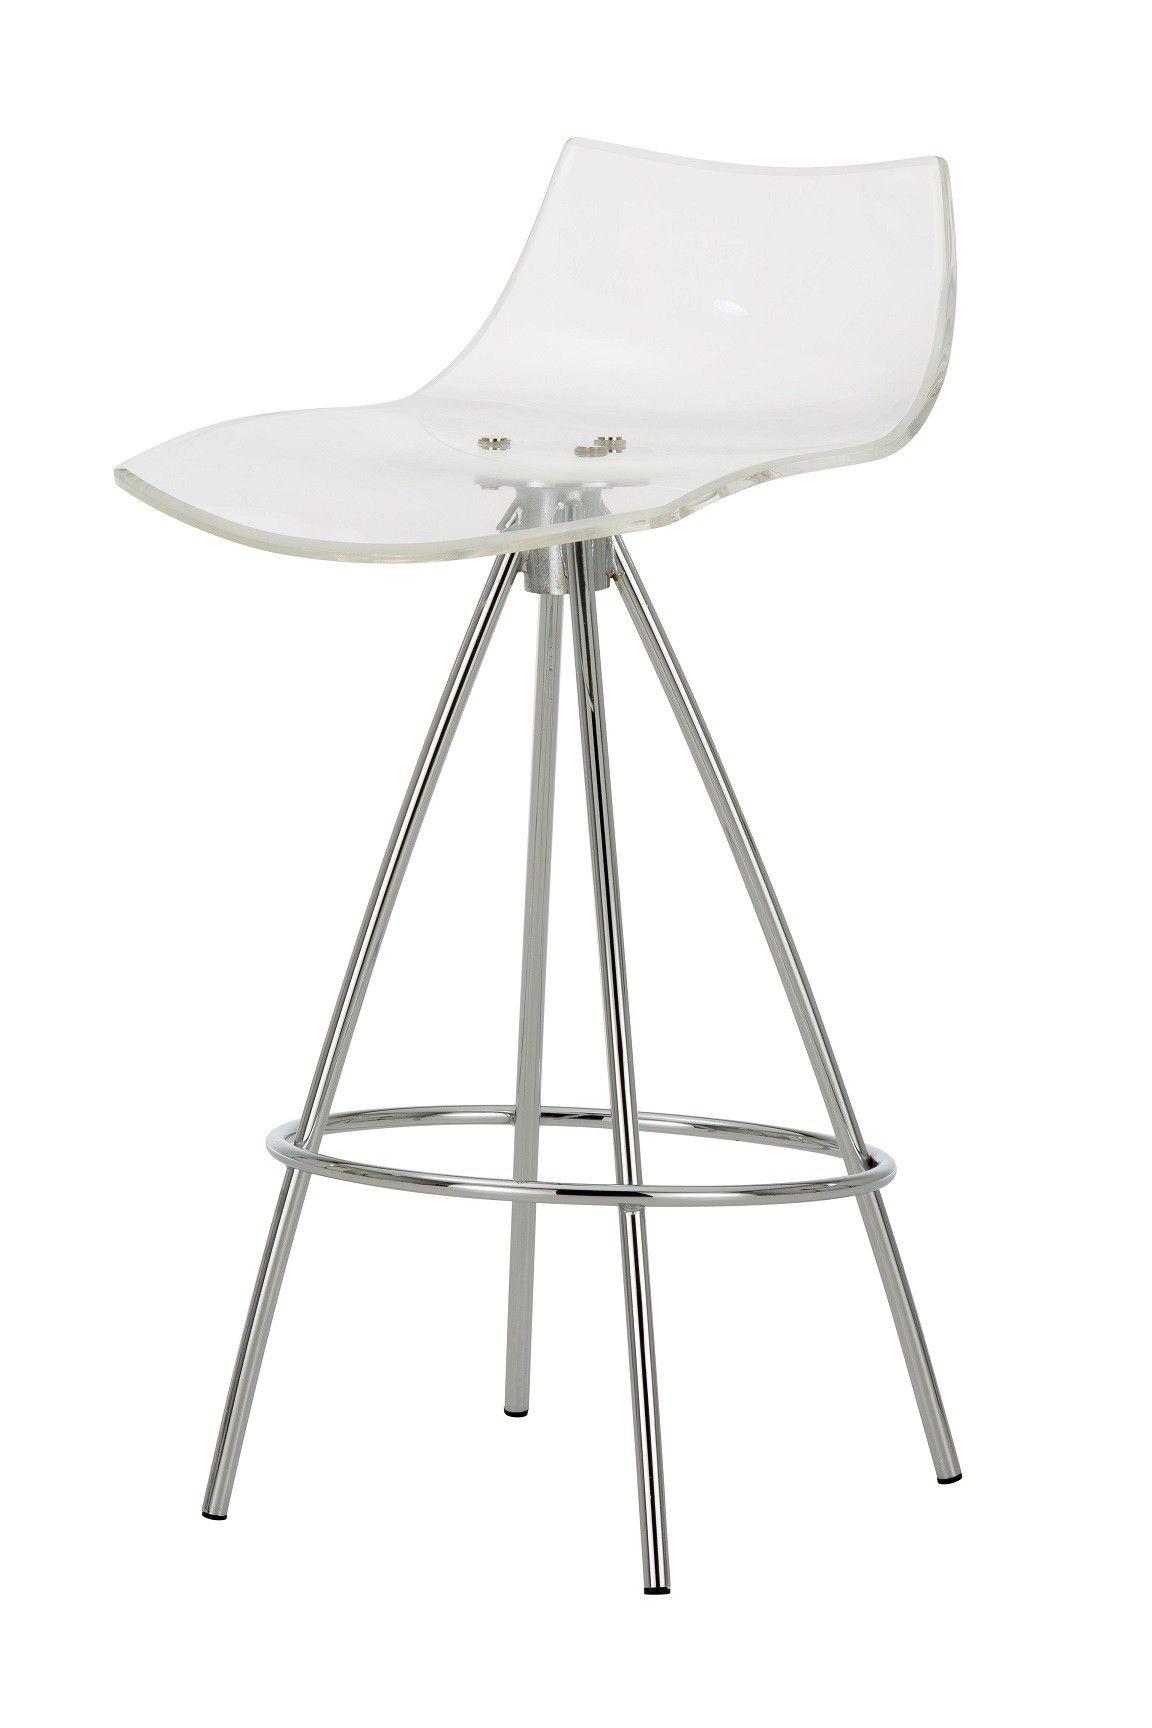 modern acrylic bar stool clear the modern acrylic bar stool is an